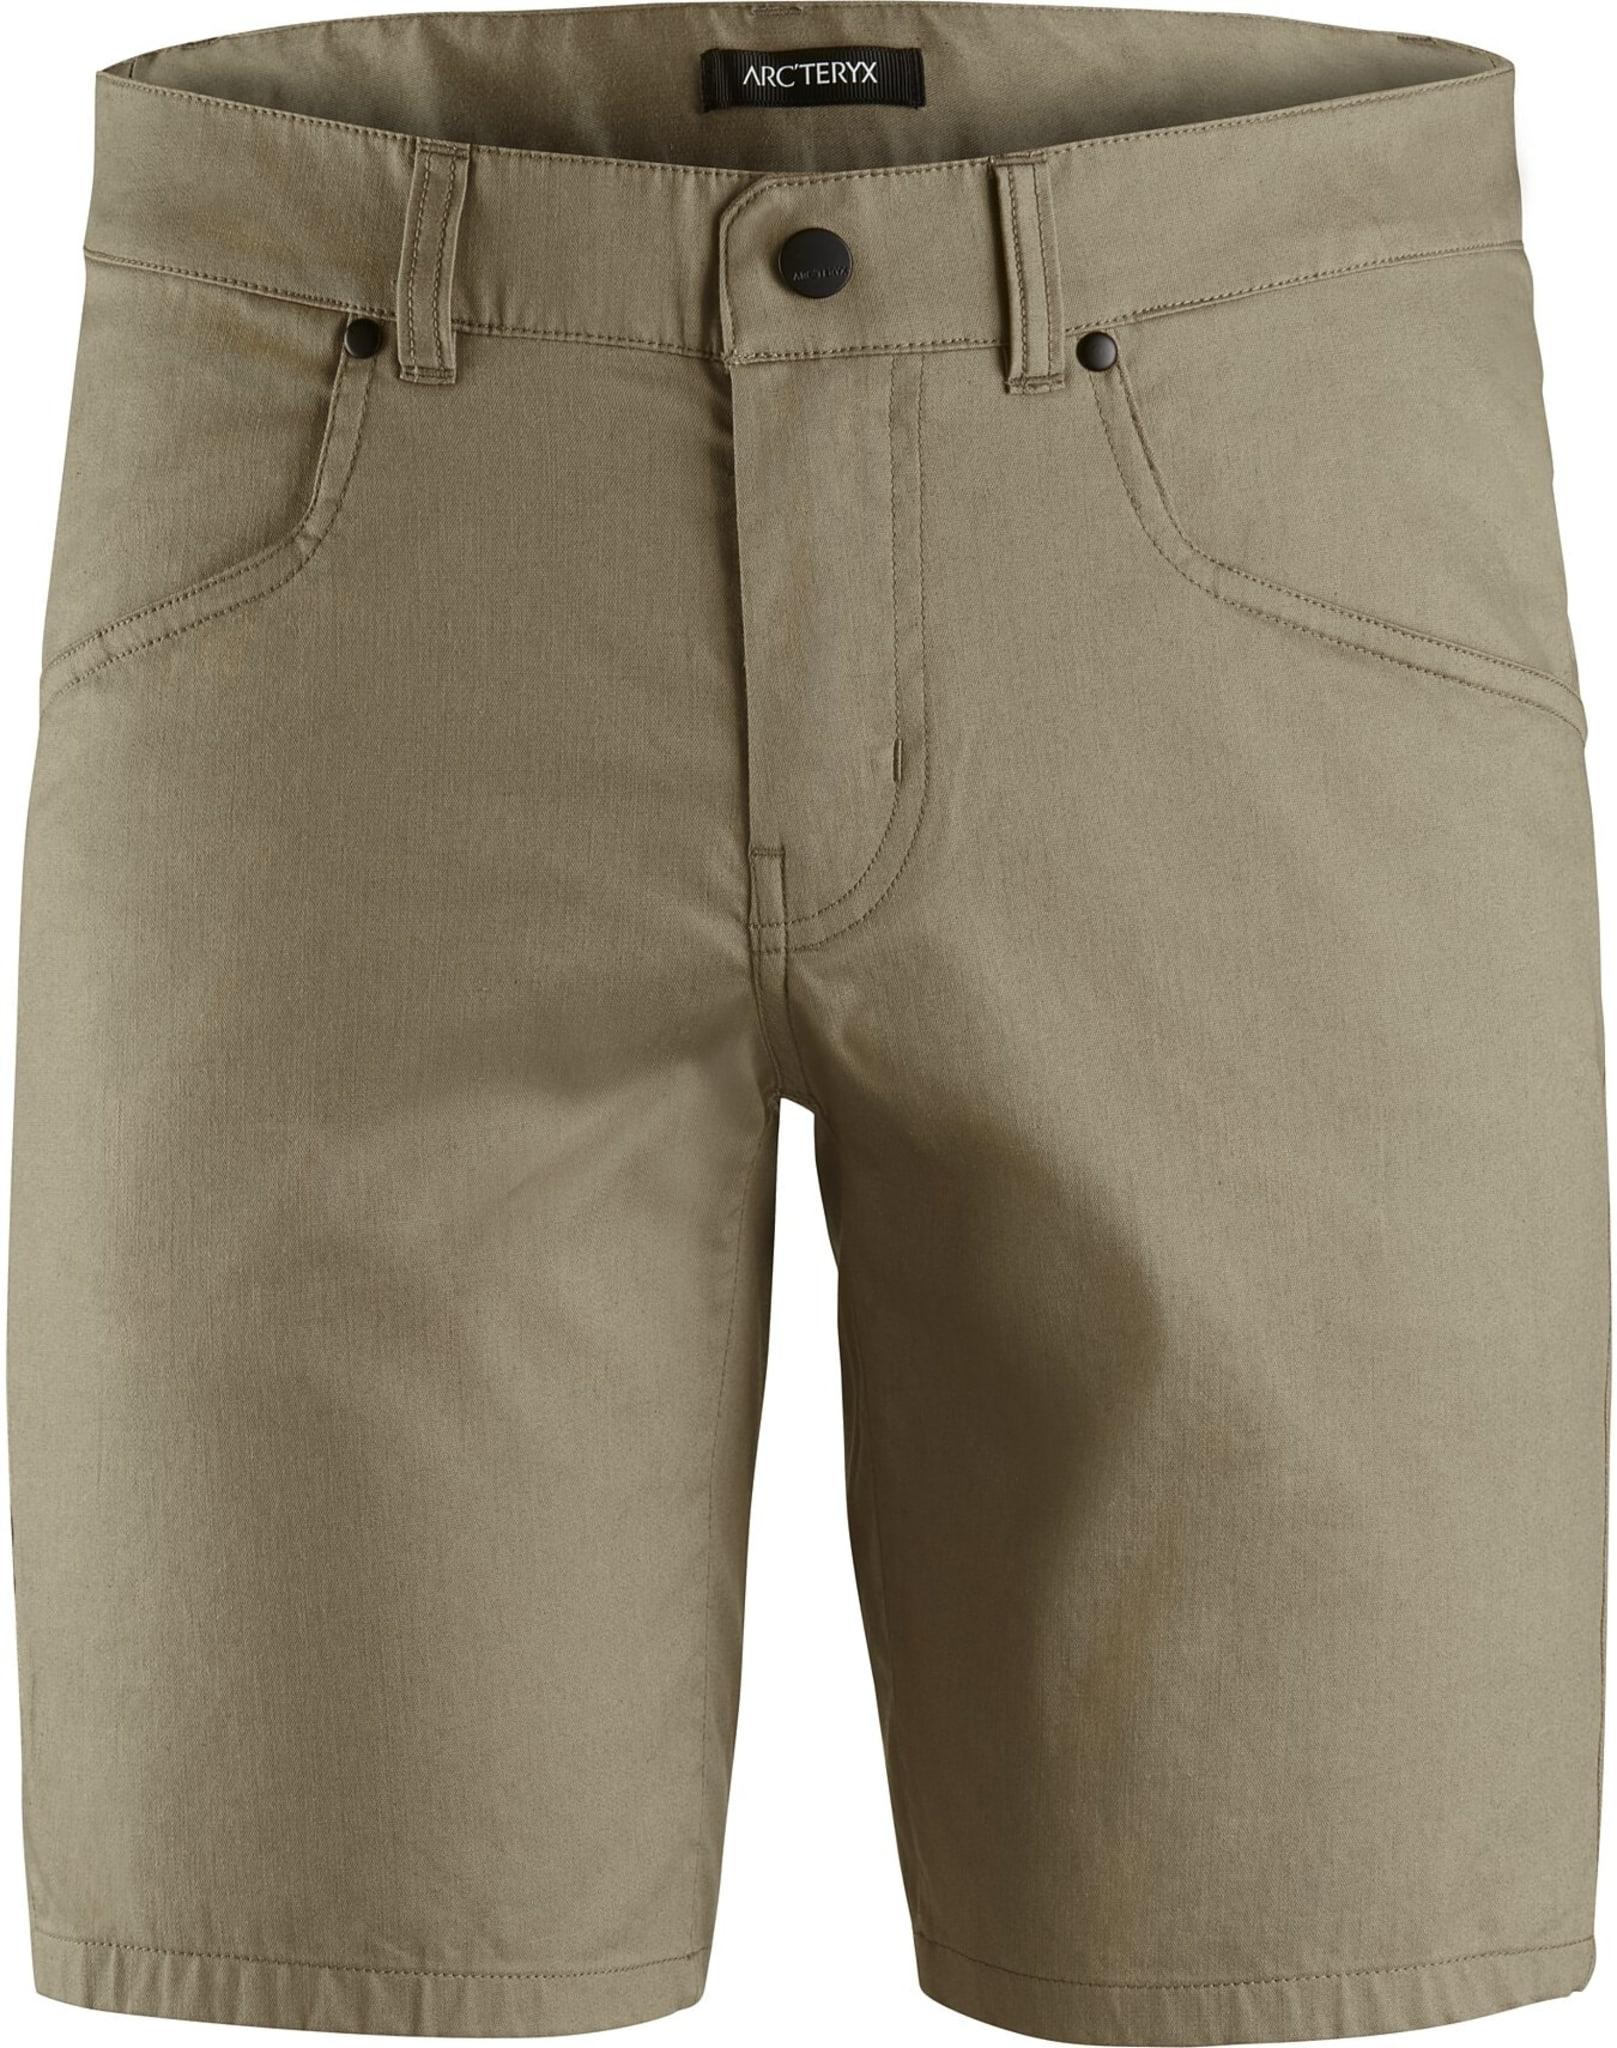 Shorts i bomull til aktivitet og hverdag